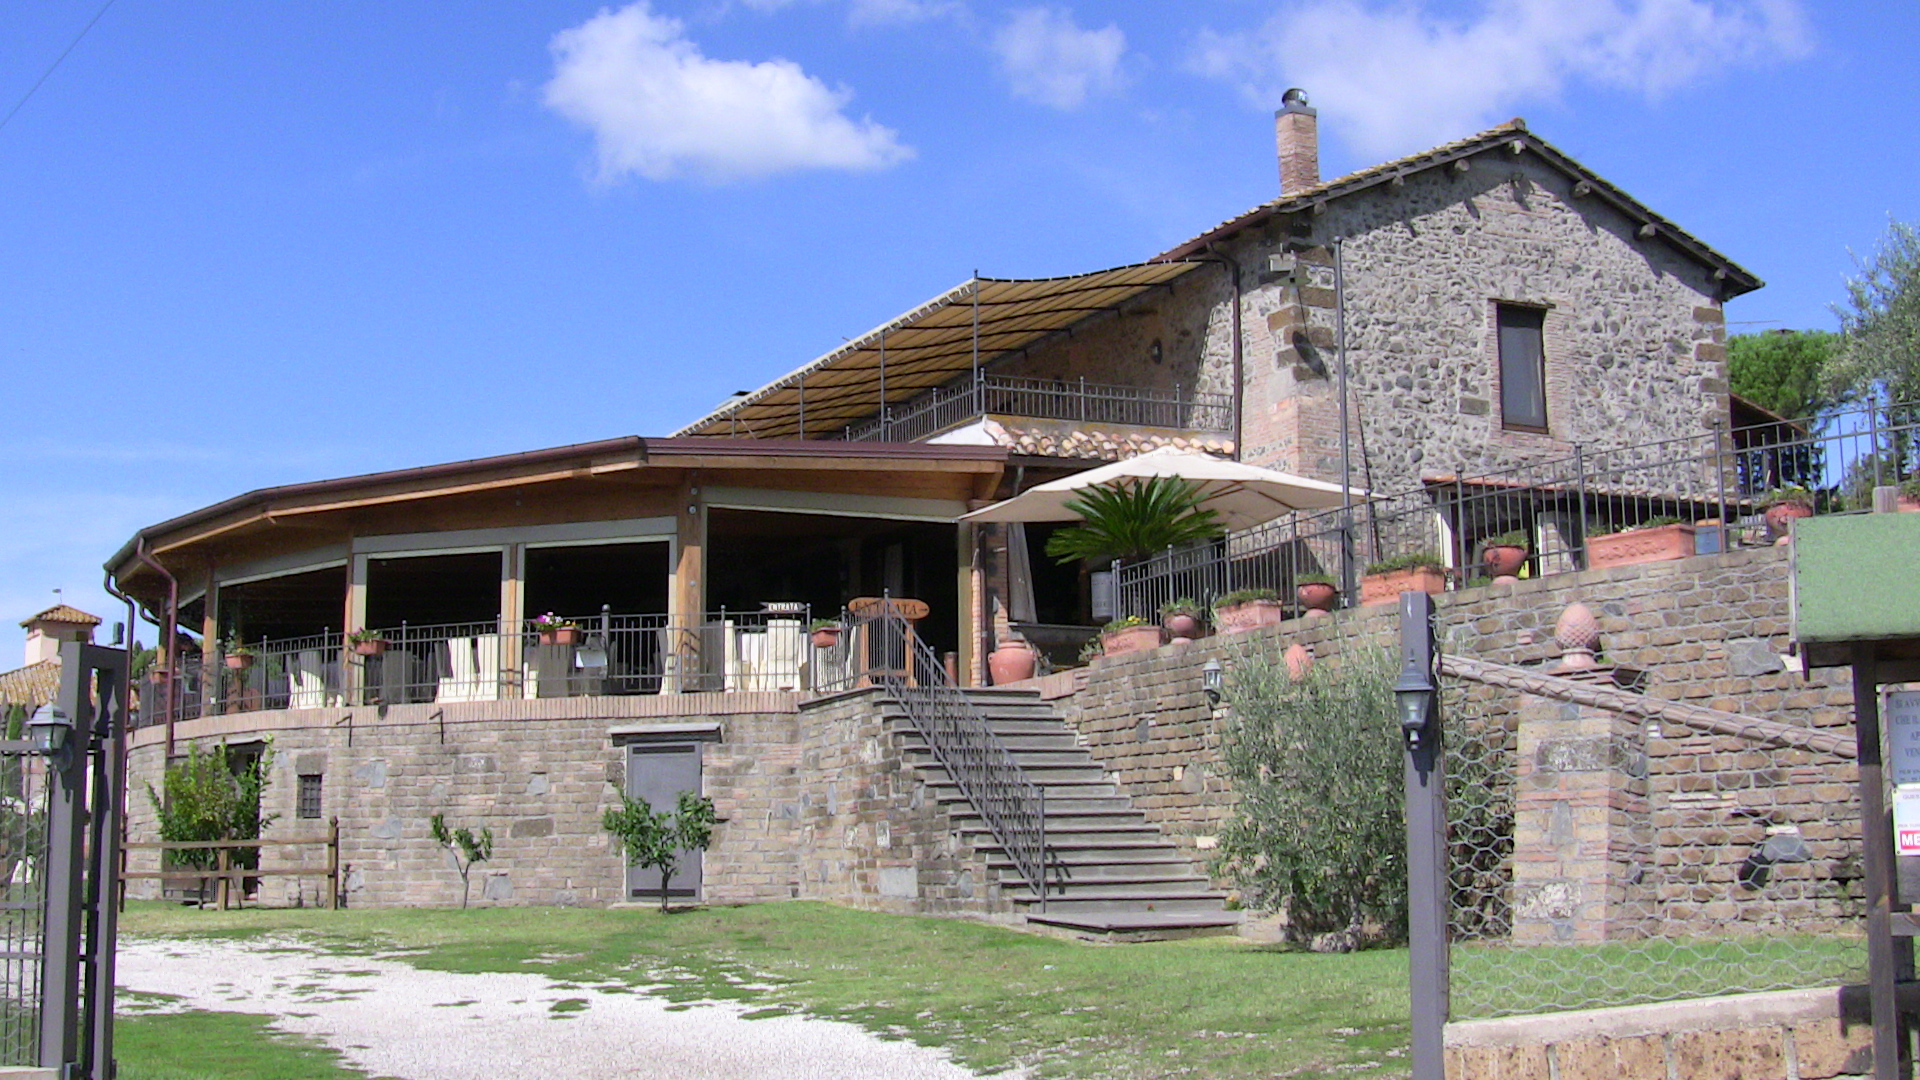 Emejing Ristorante Le Terrazze Sul Lago Trevignano Gallery - Amazing ...